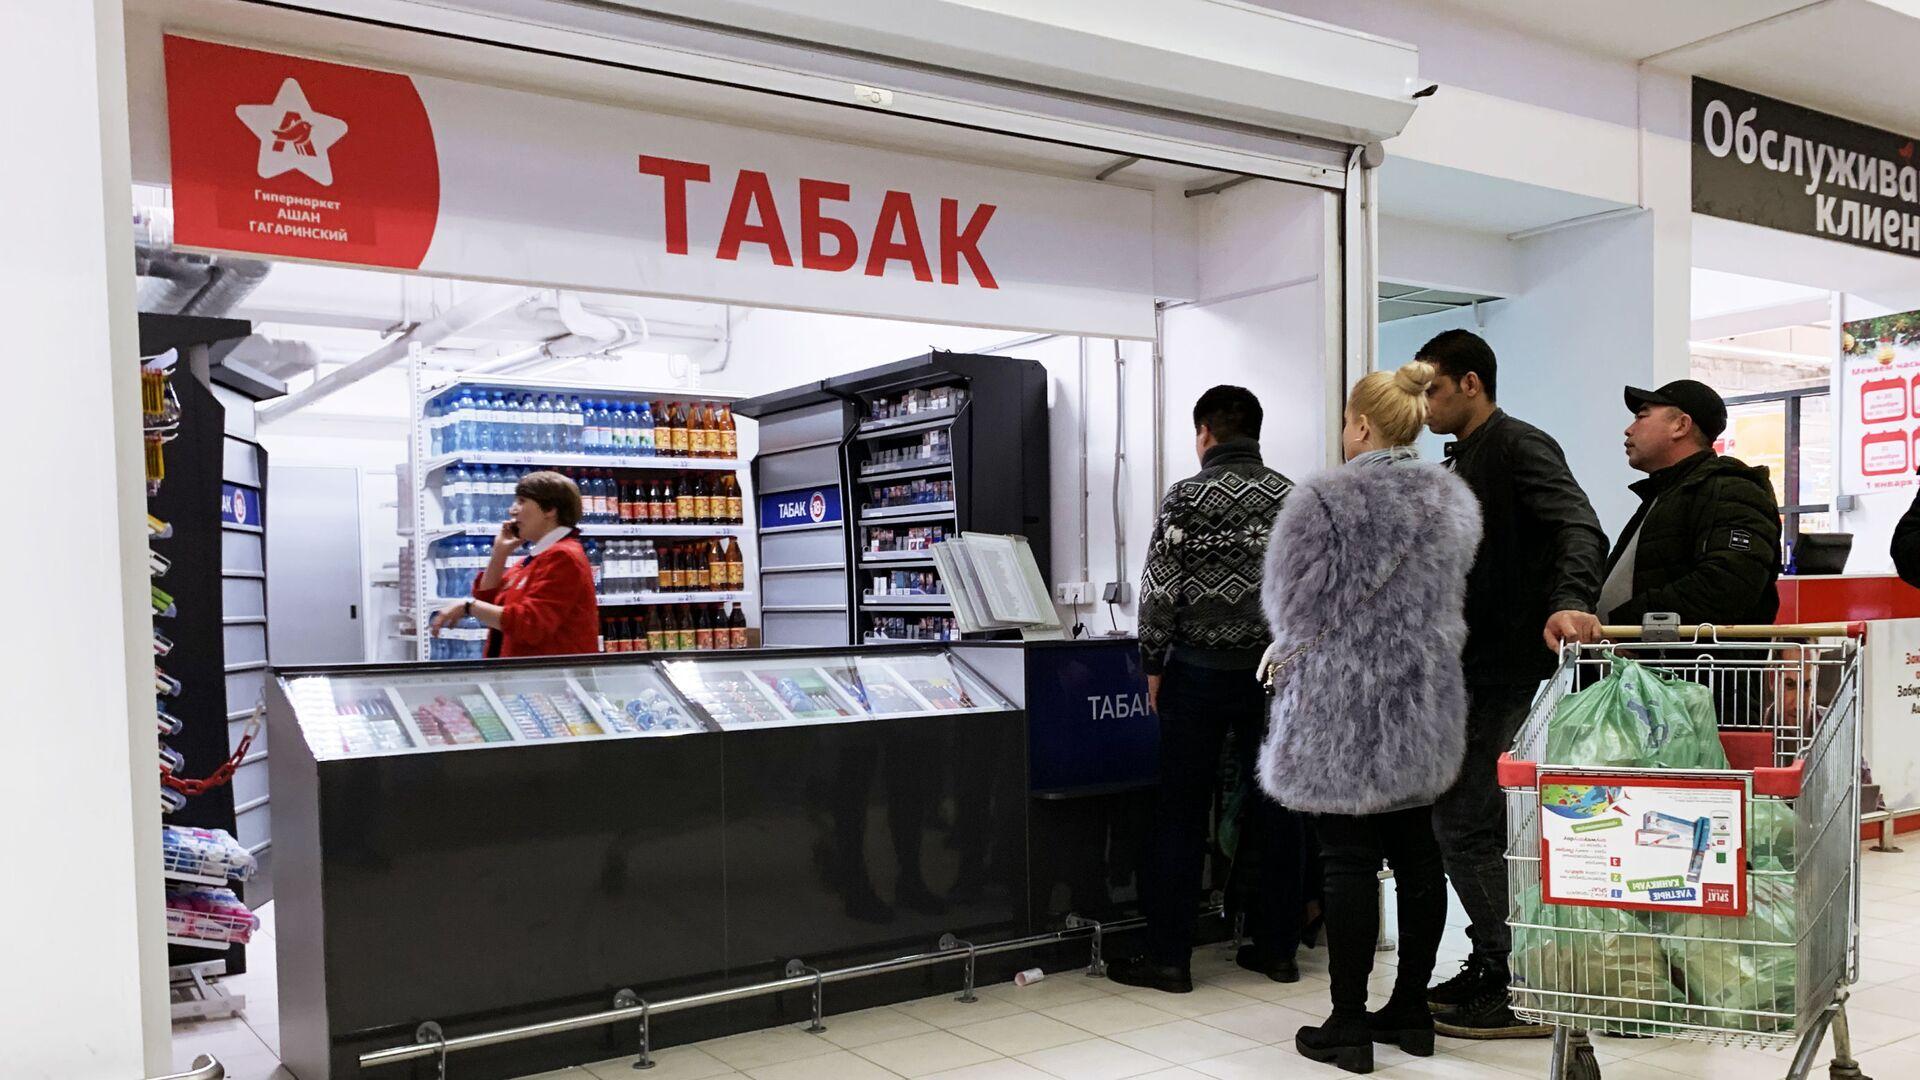 Покупатели стоят у табачной лавки - РИА Новости, 1920, 03.09.2020